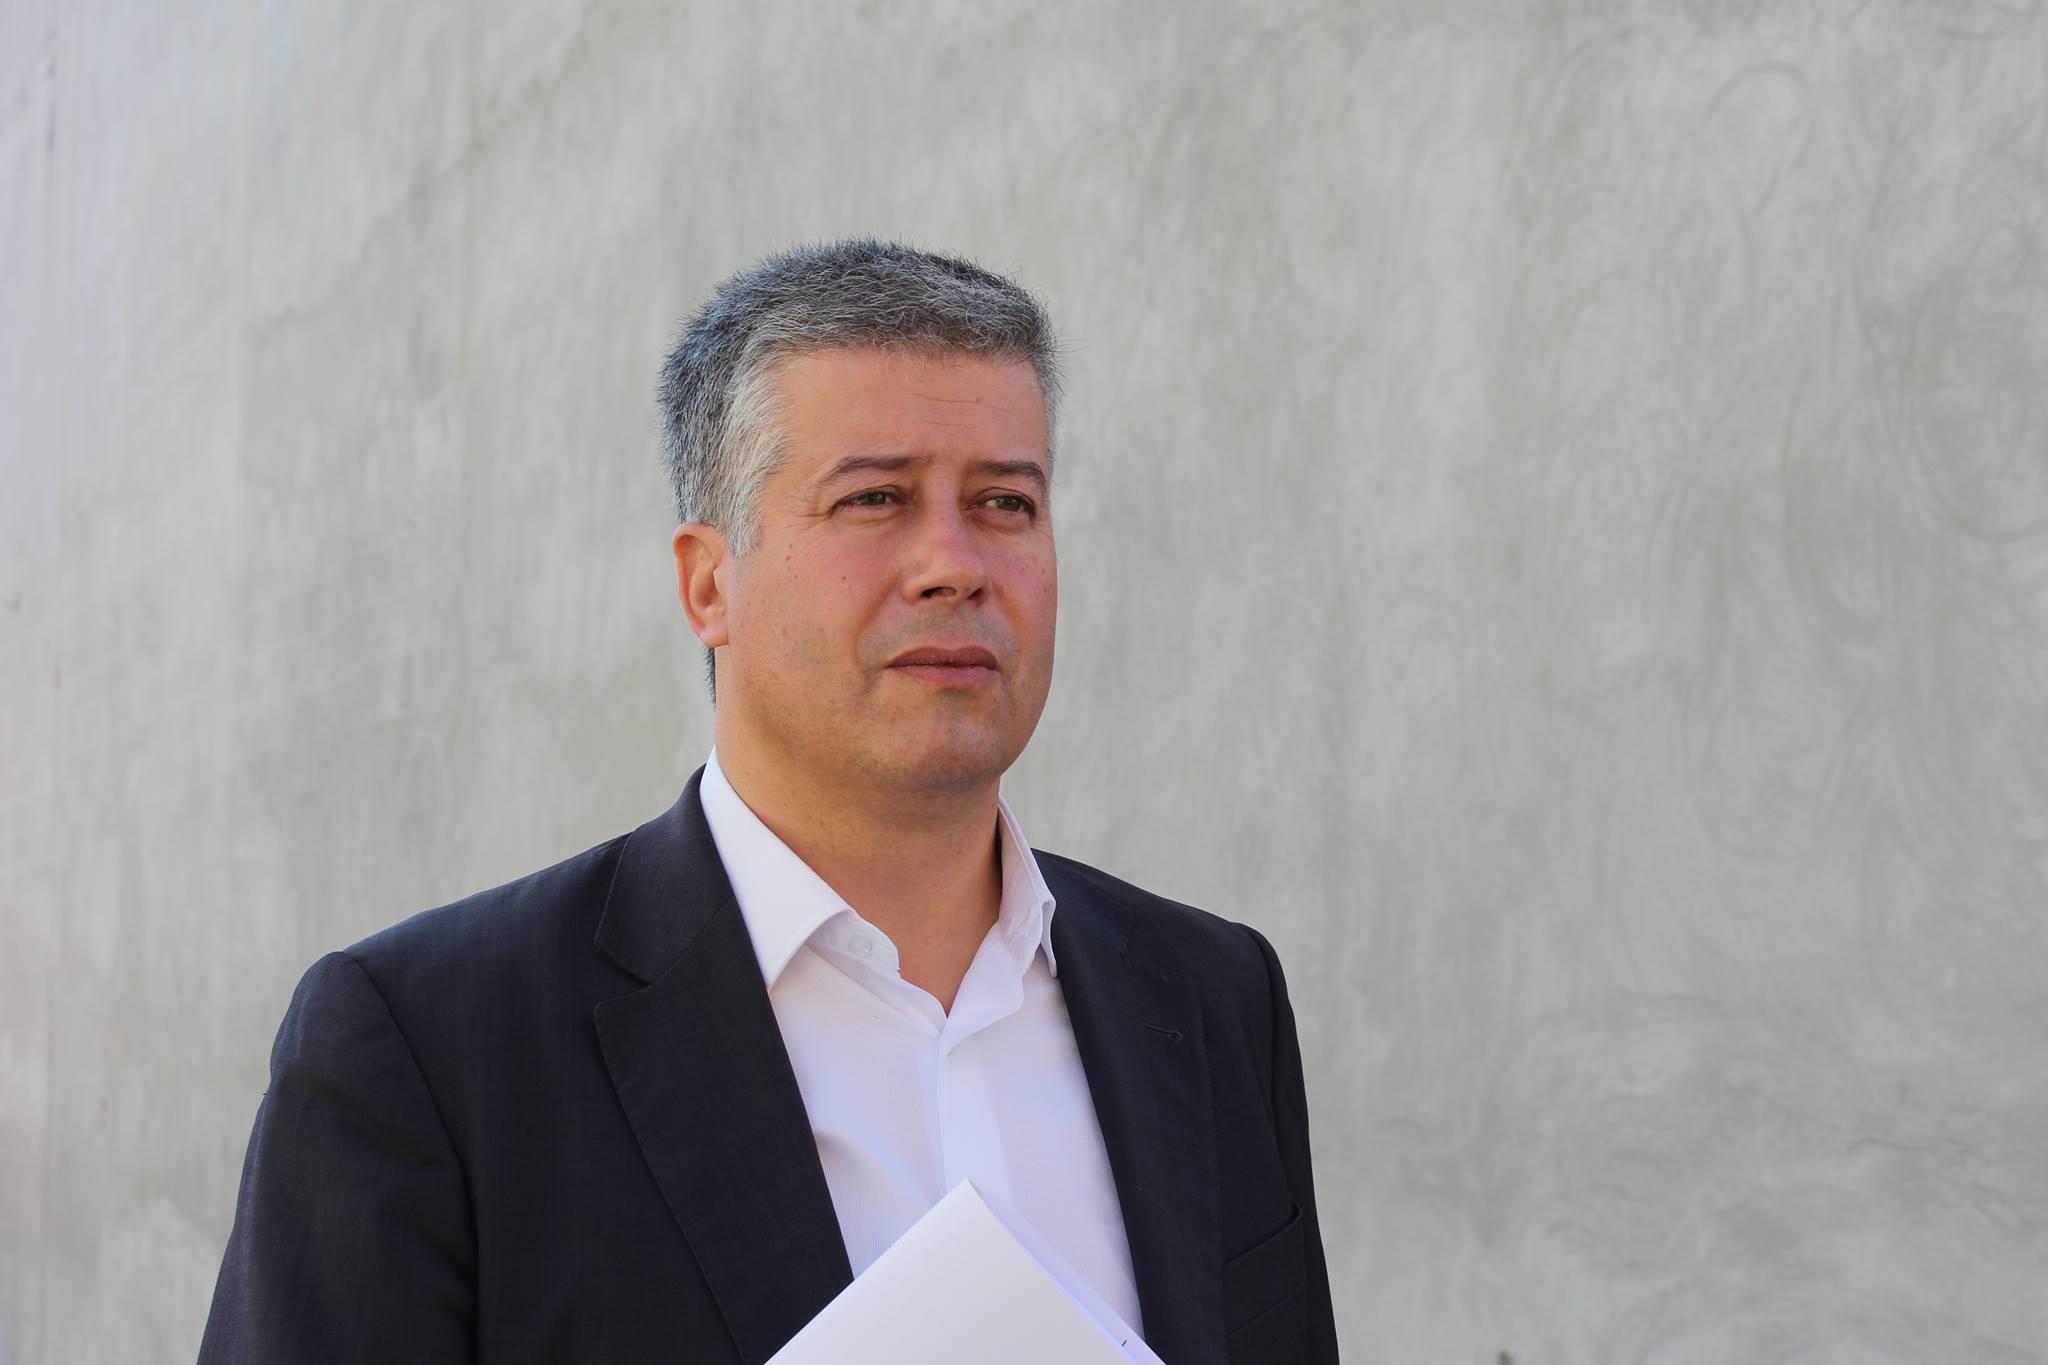 Presidente da CIM-TTM considera Cimeiras Ibéricas pouco produtivas